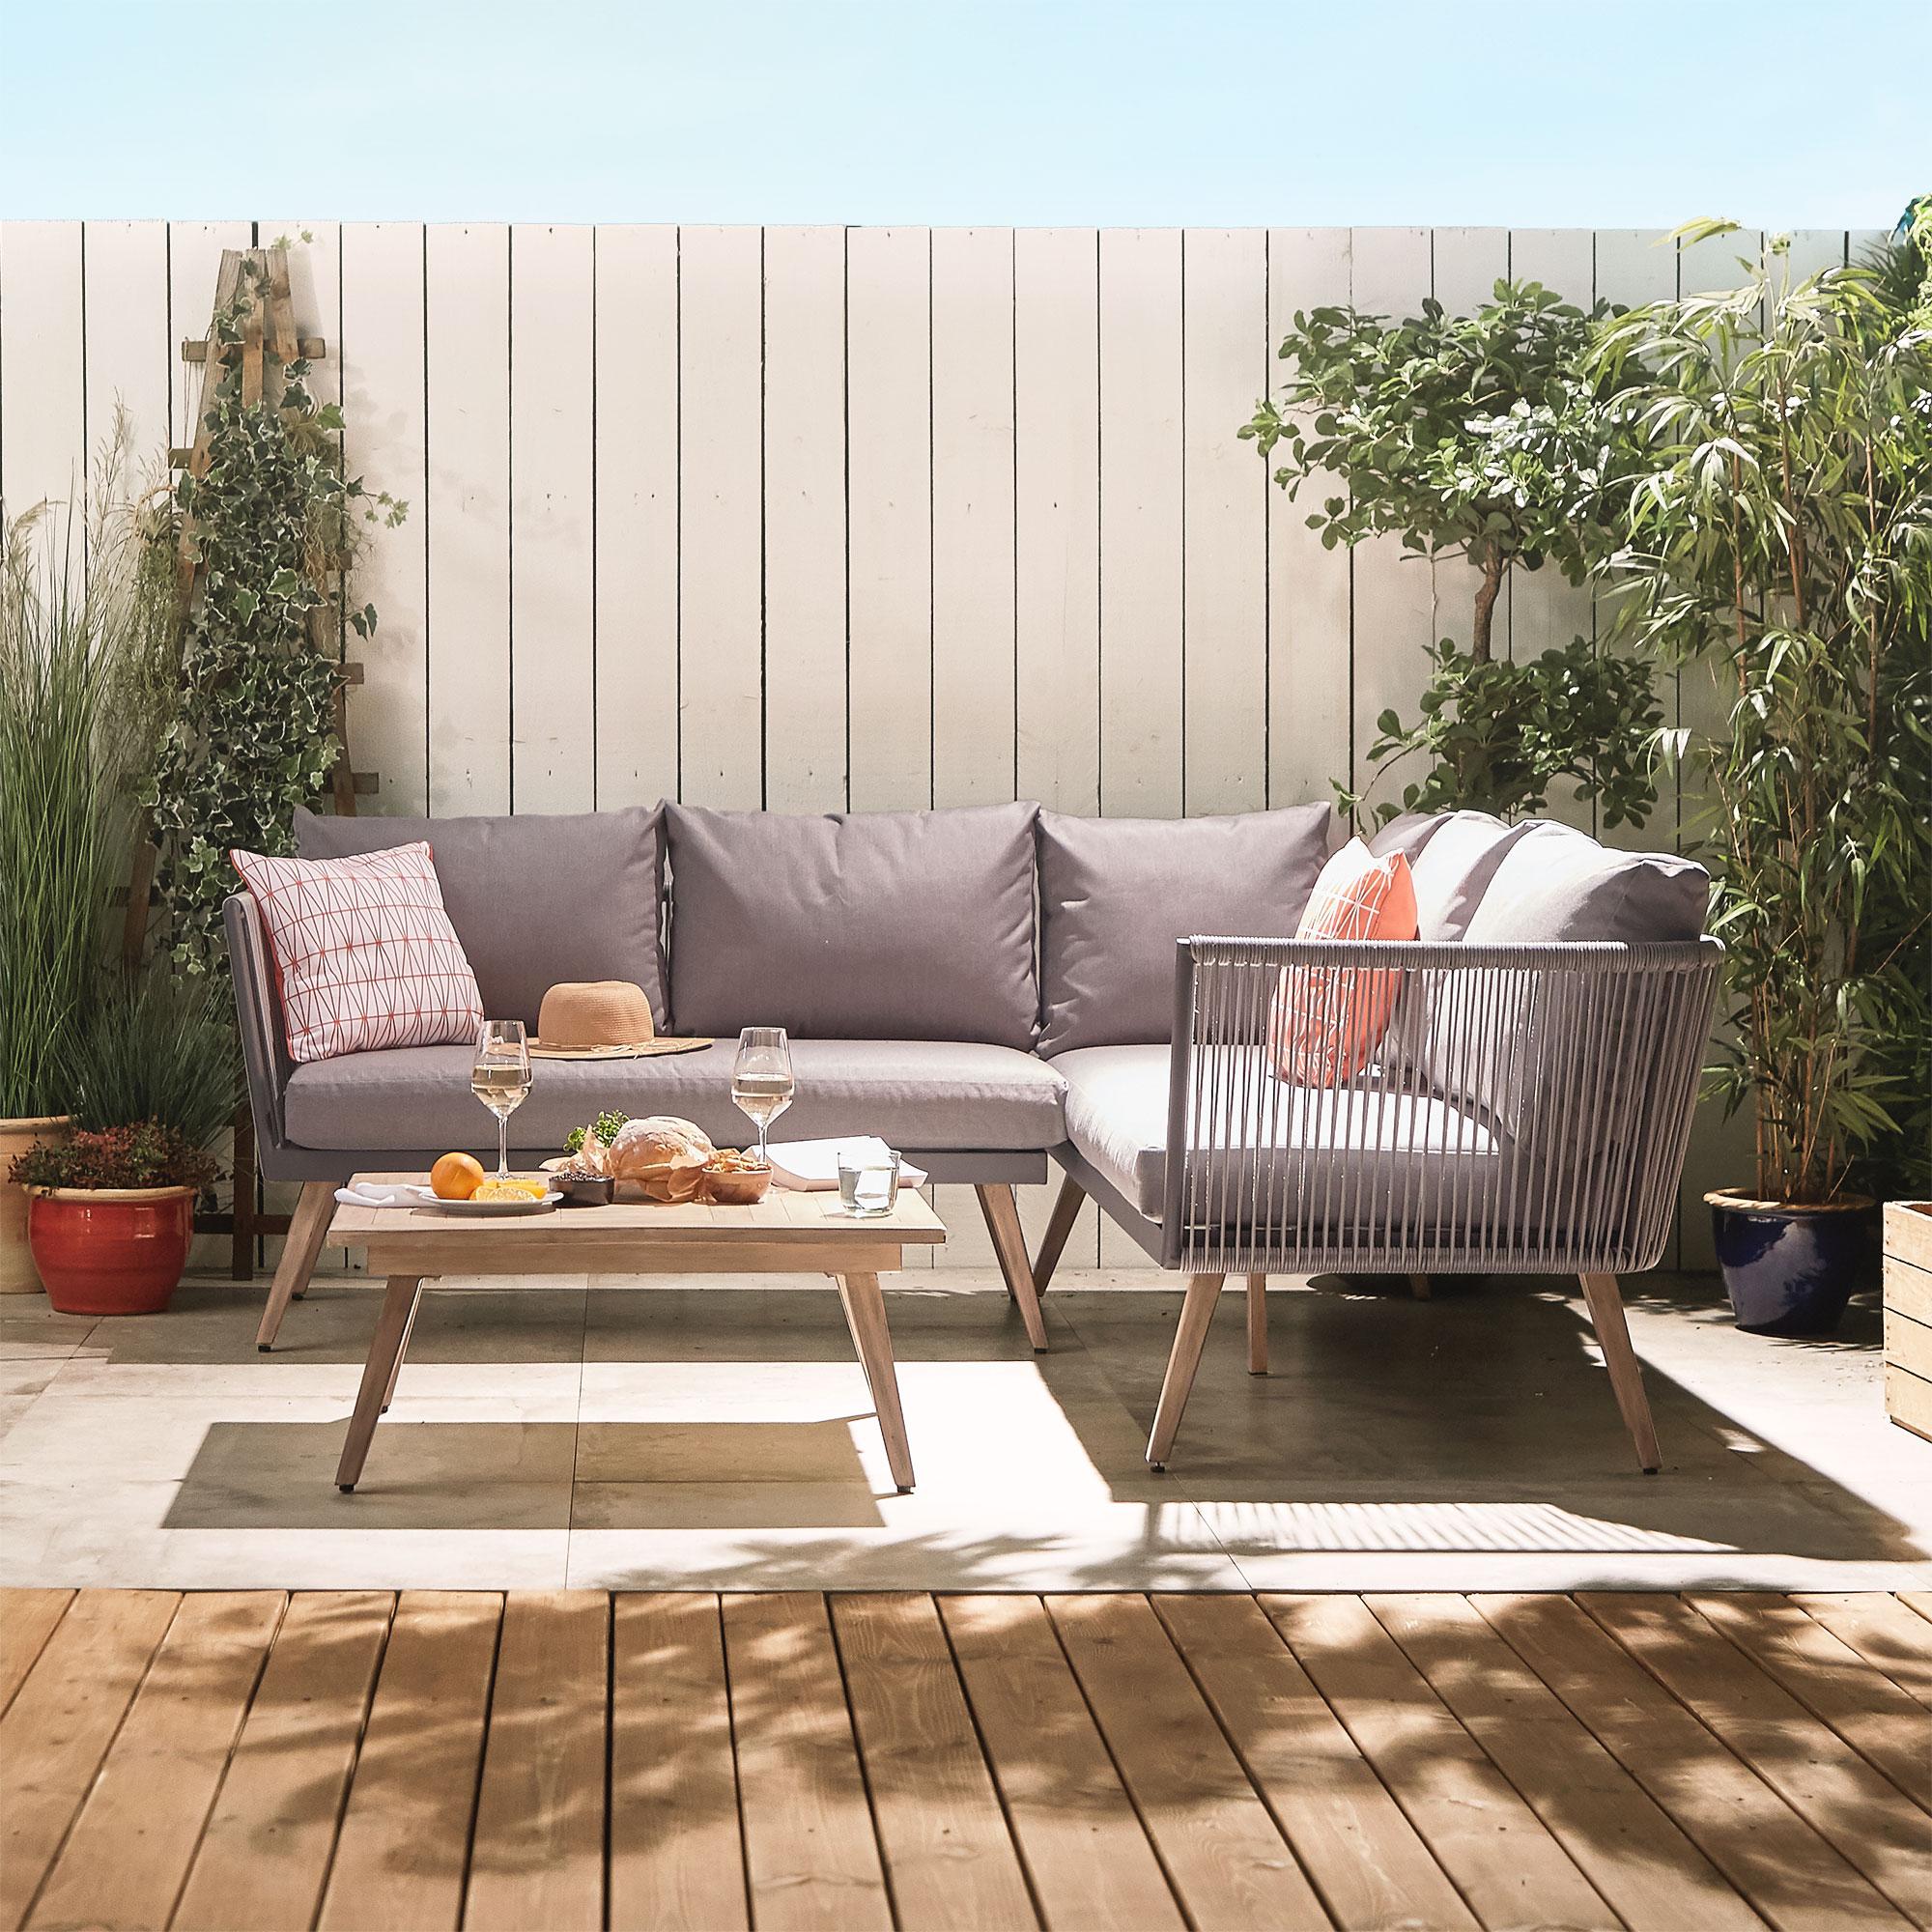 Vonhaus Rope Style Rattan Corner Set Garden Patio Modern Within Outdoor Sofa Chairs (View 5 of 15)